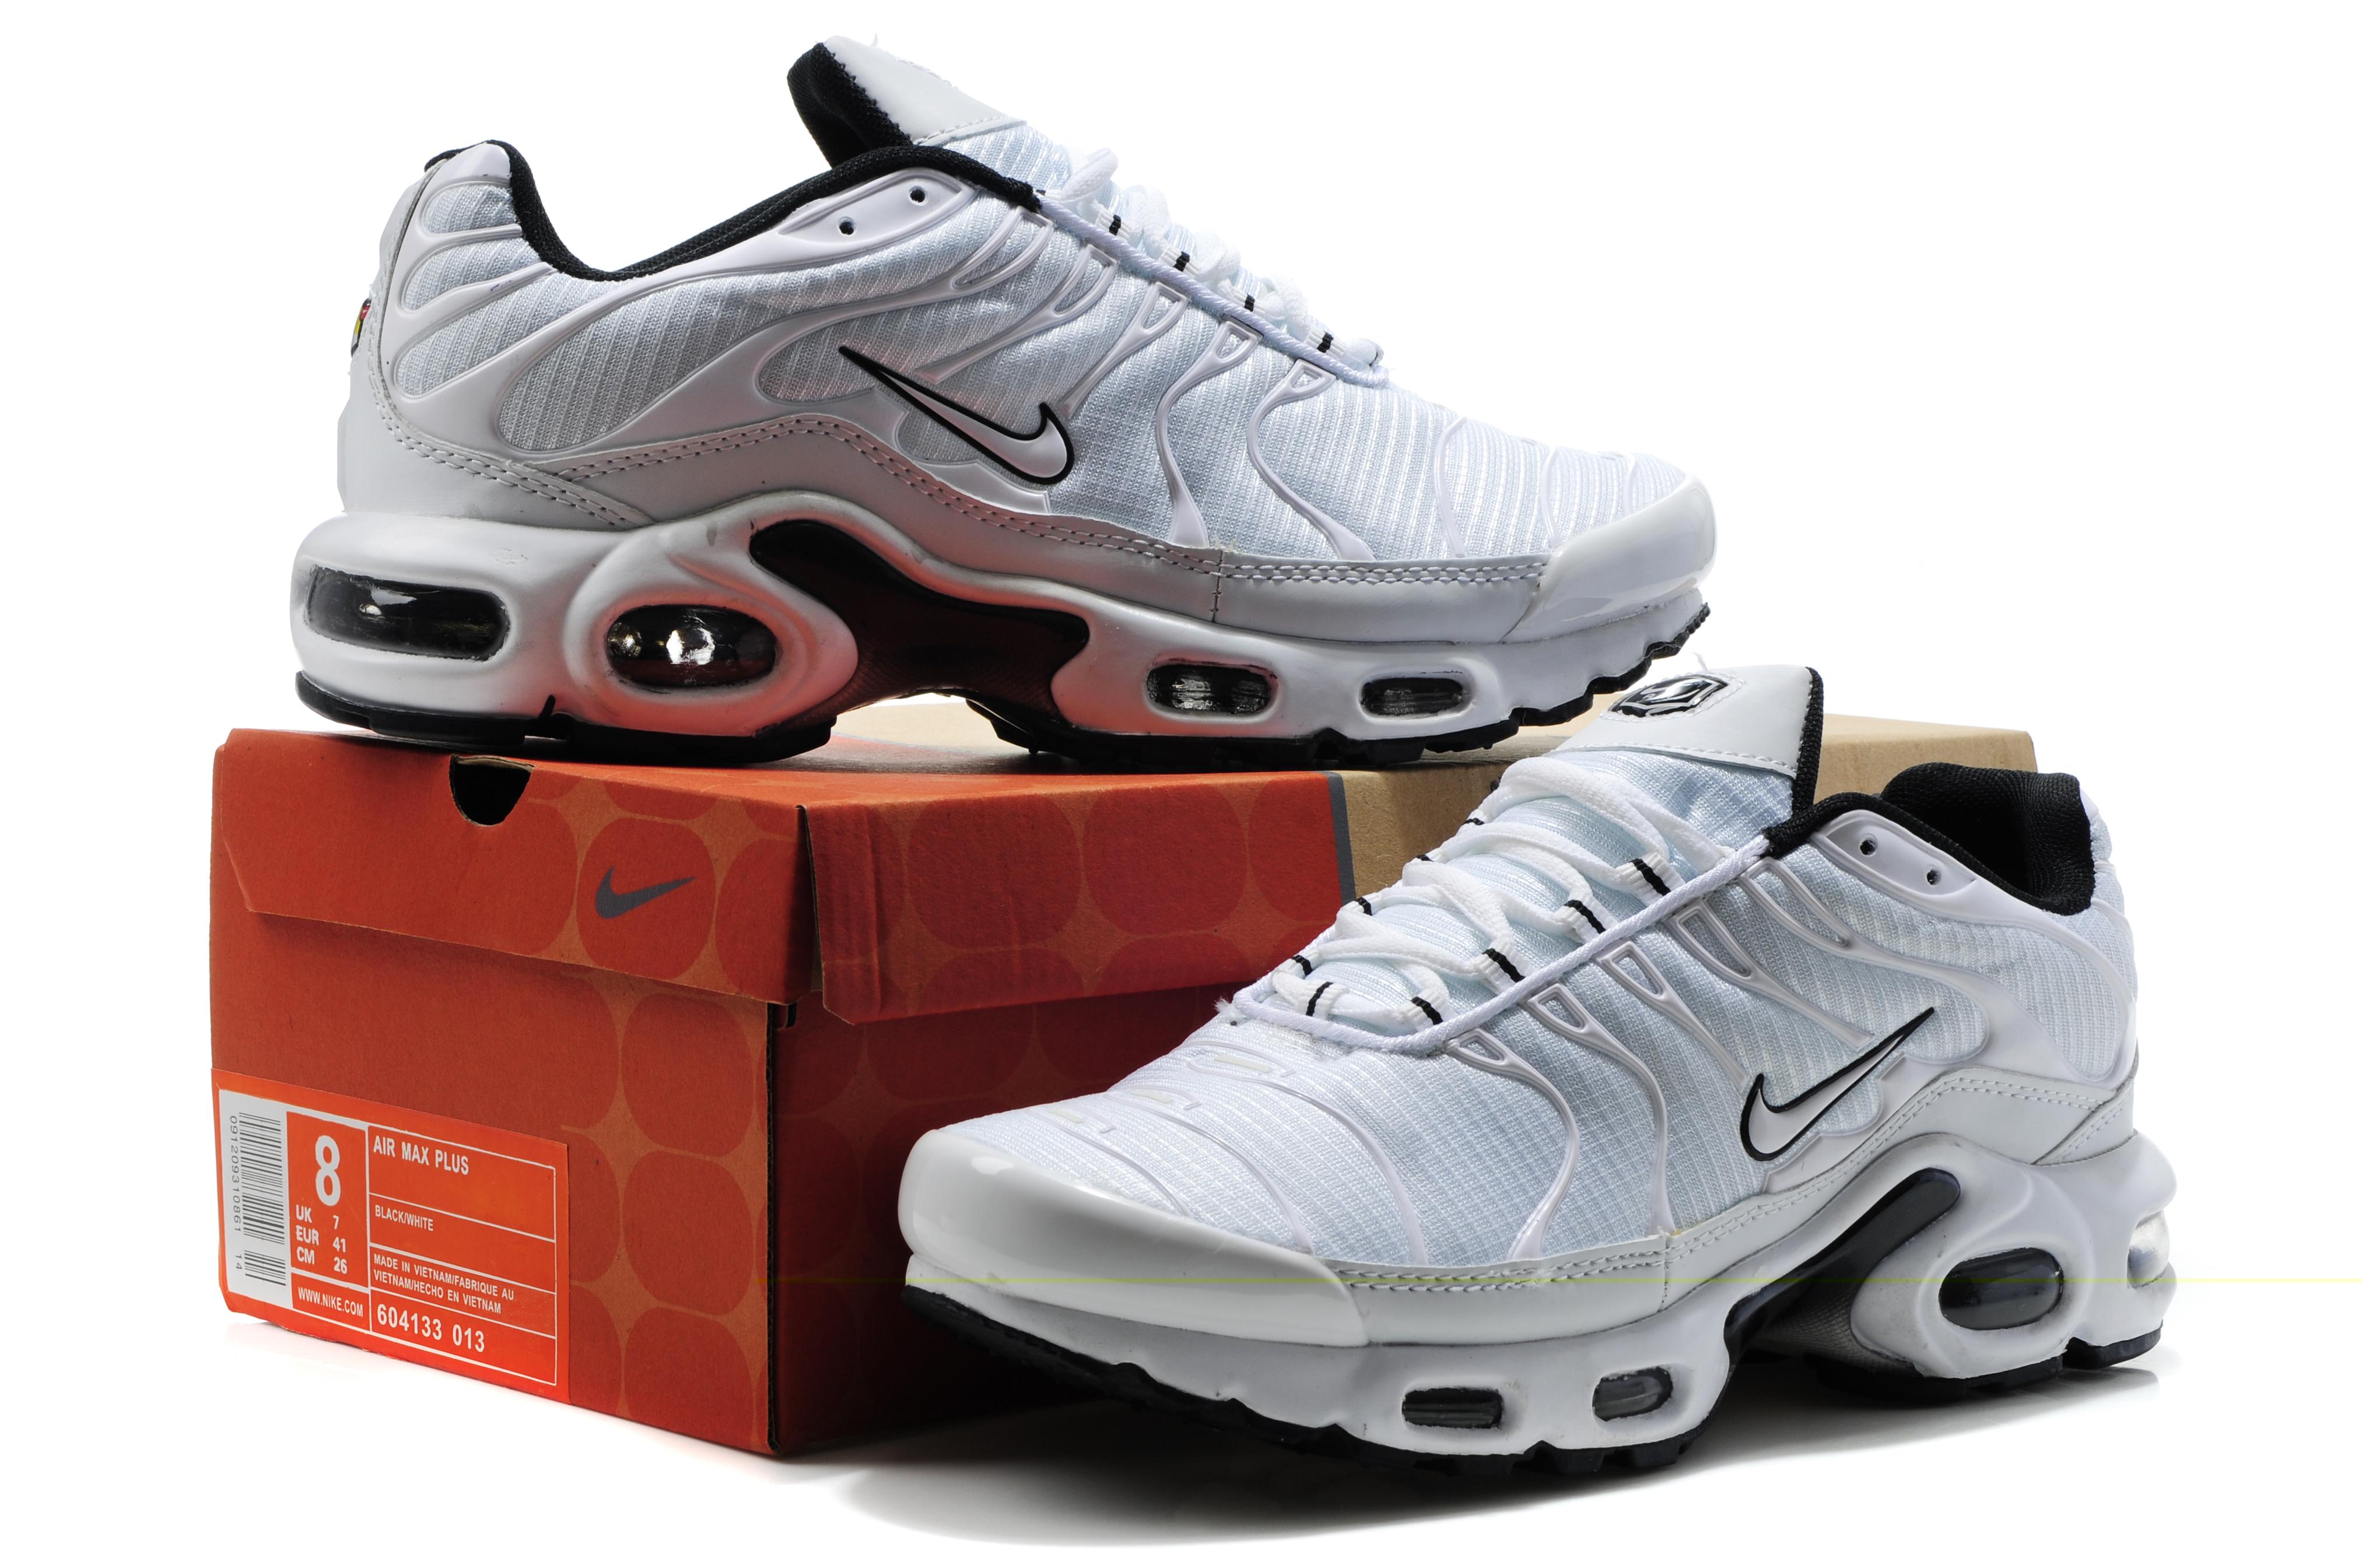 big sale 405d9 4c4fe achat Baskets Vente Foot Requin Pas Locker Chaussures Cher Nike qBapw4p